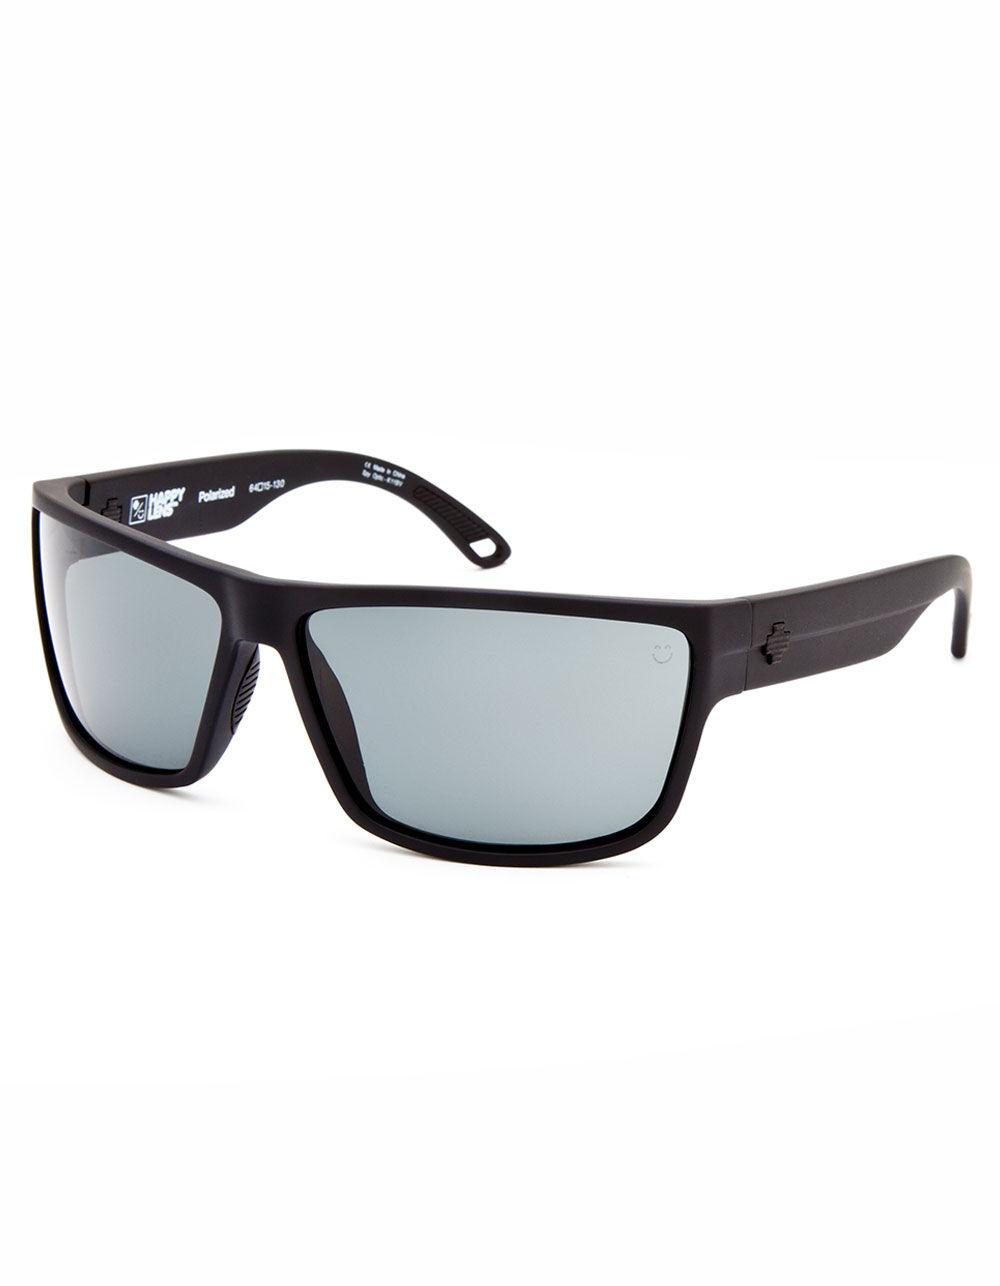 SPY Happy Lens Rocky Polarized Sunglasses